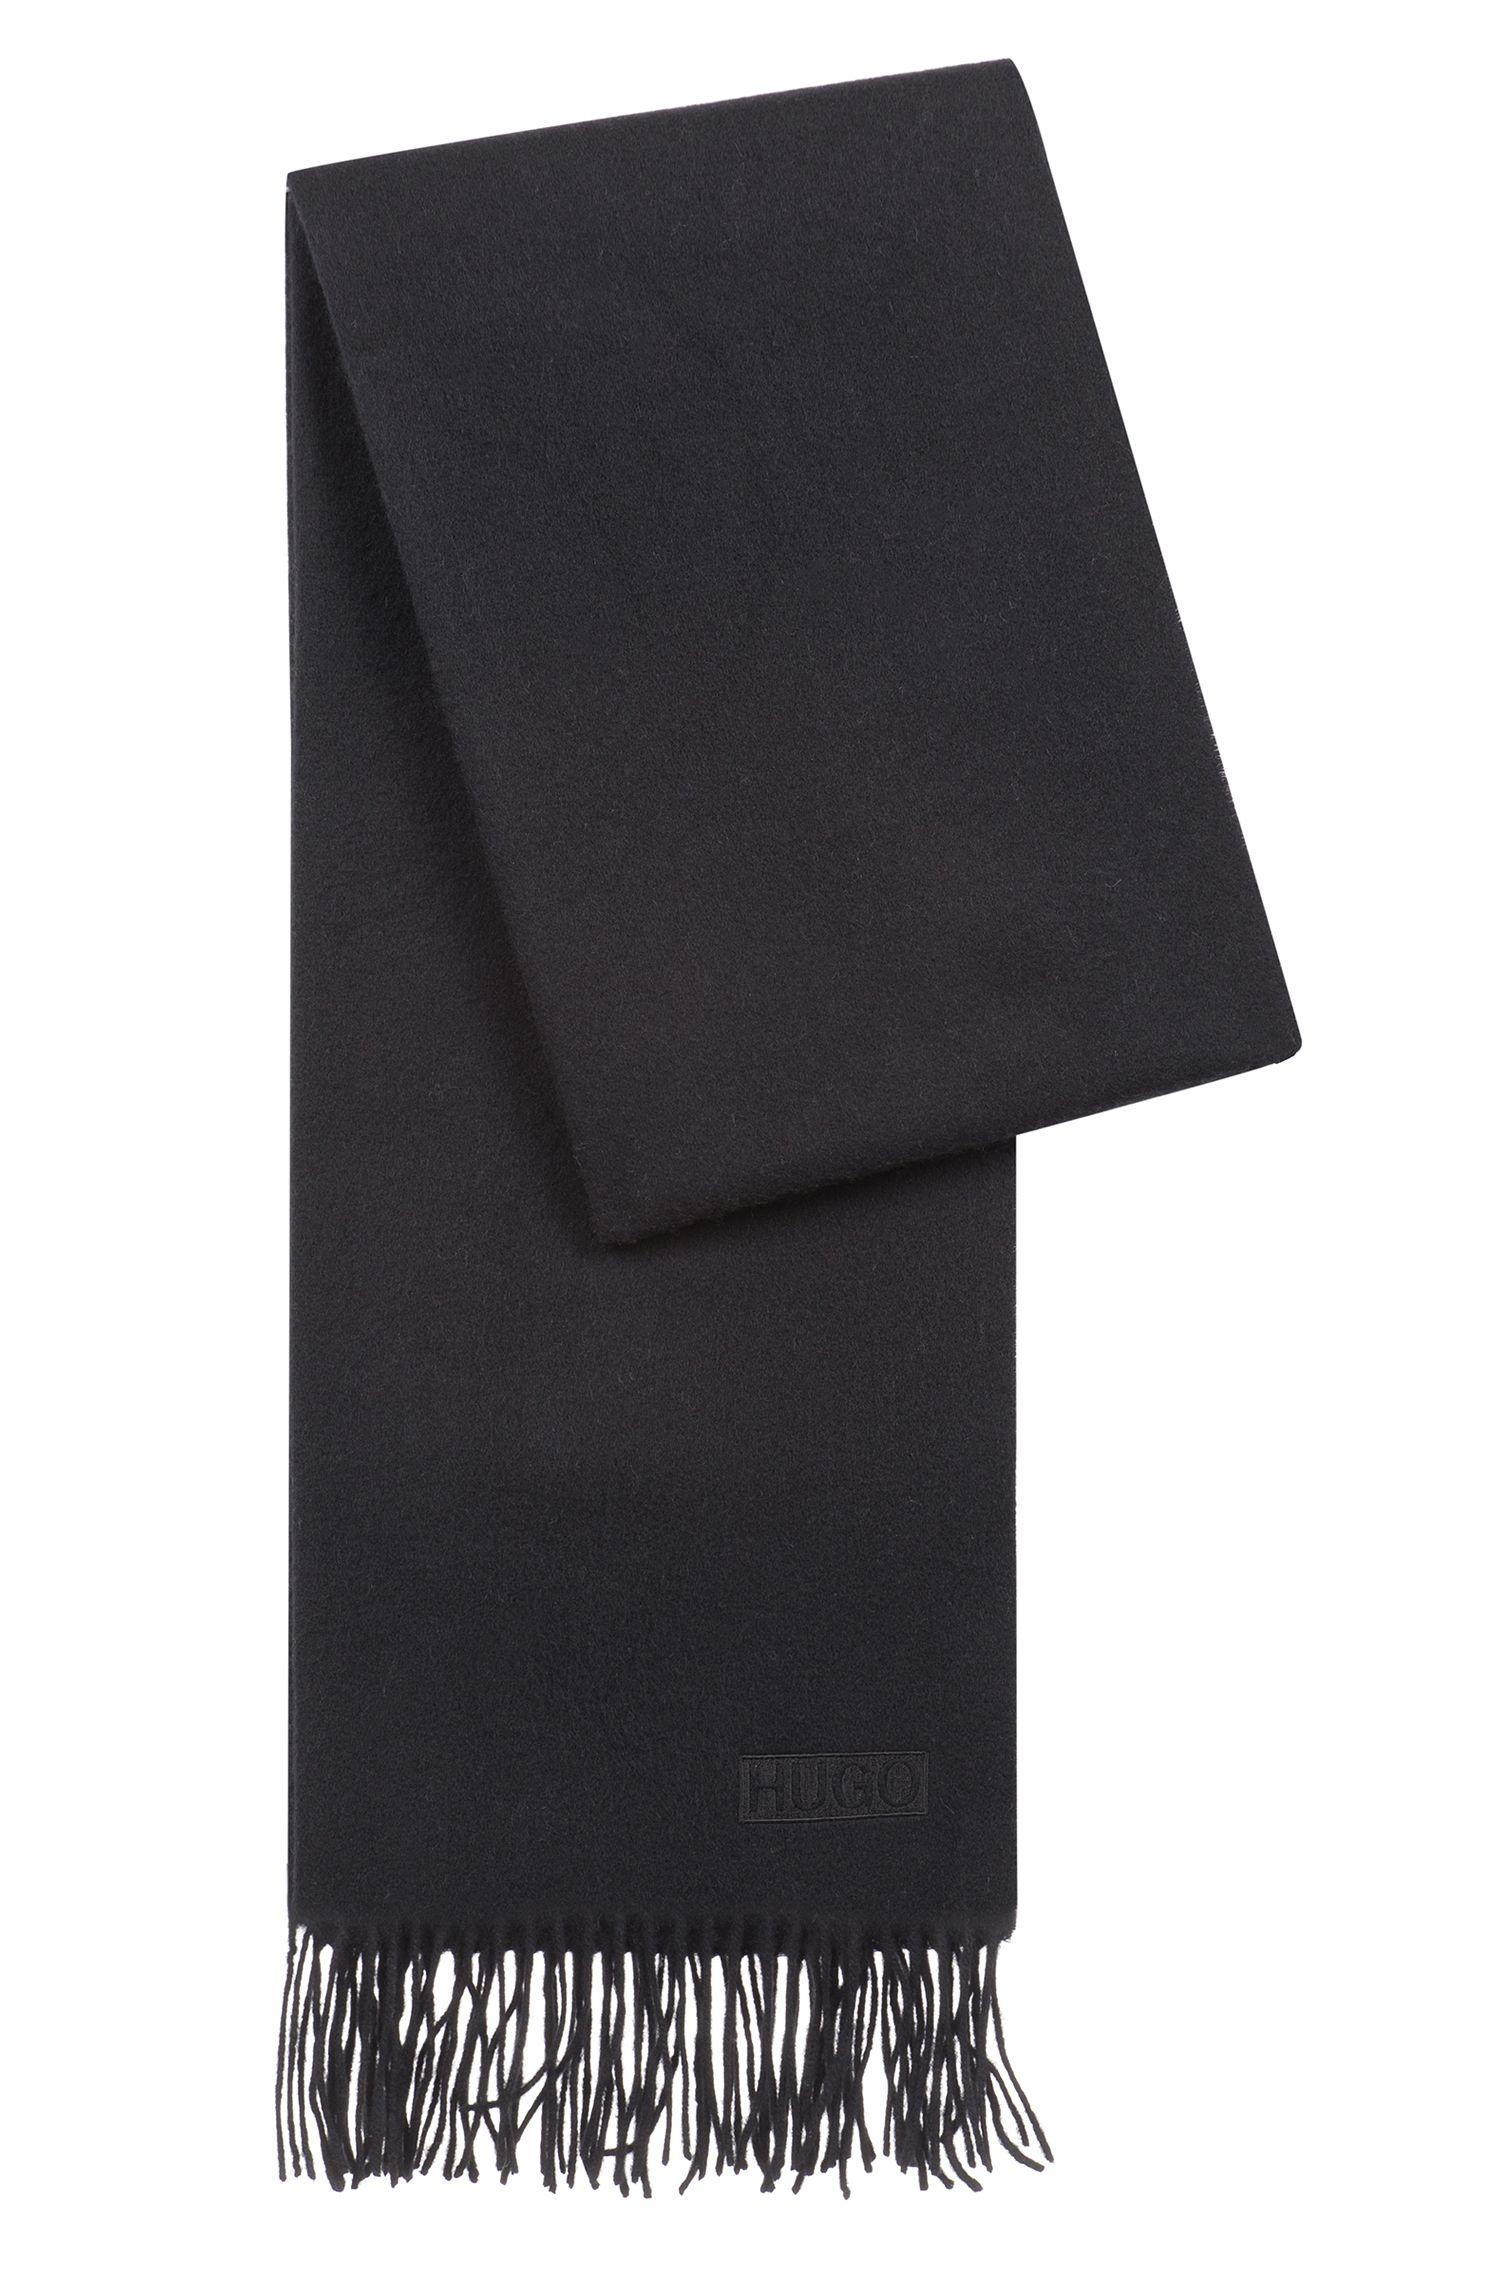 Leichter Schal aus gebürsteter Wolle , Schwarz